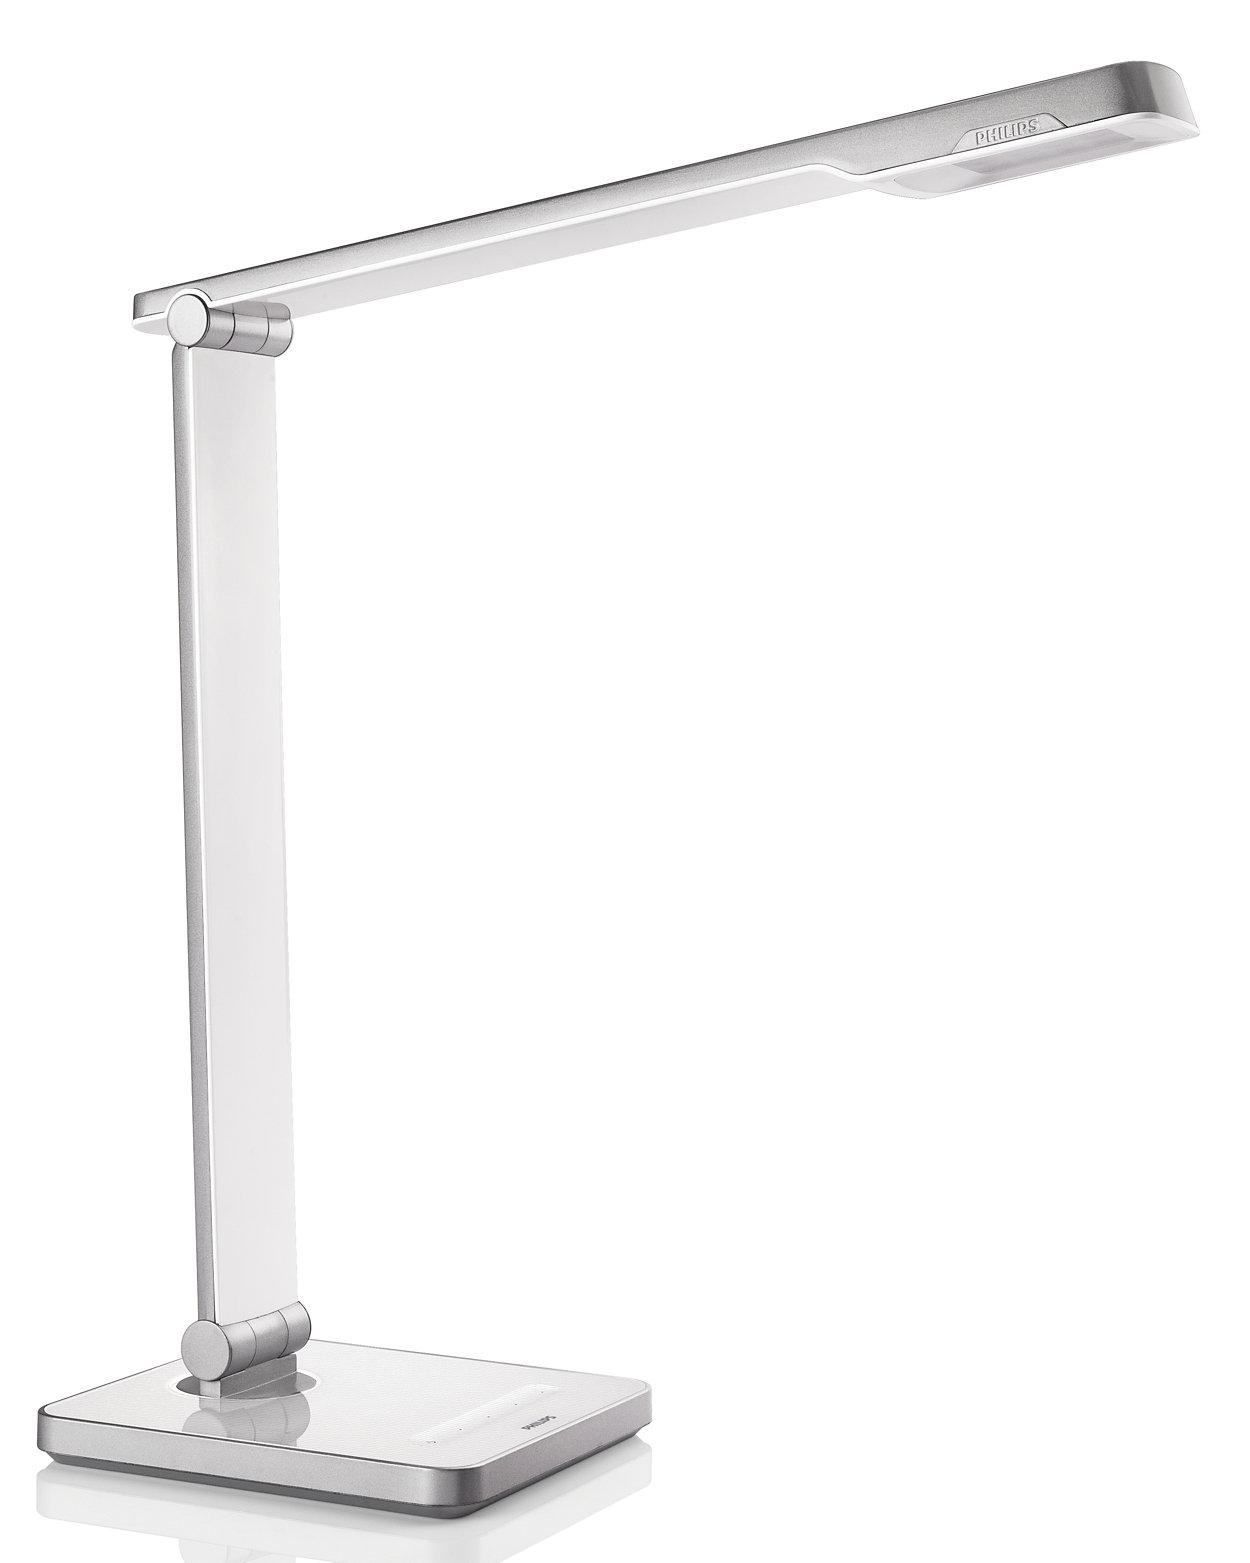 Továbbfejlesztett asztali világítás, mert számít a kényelem